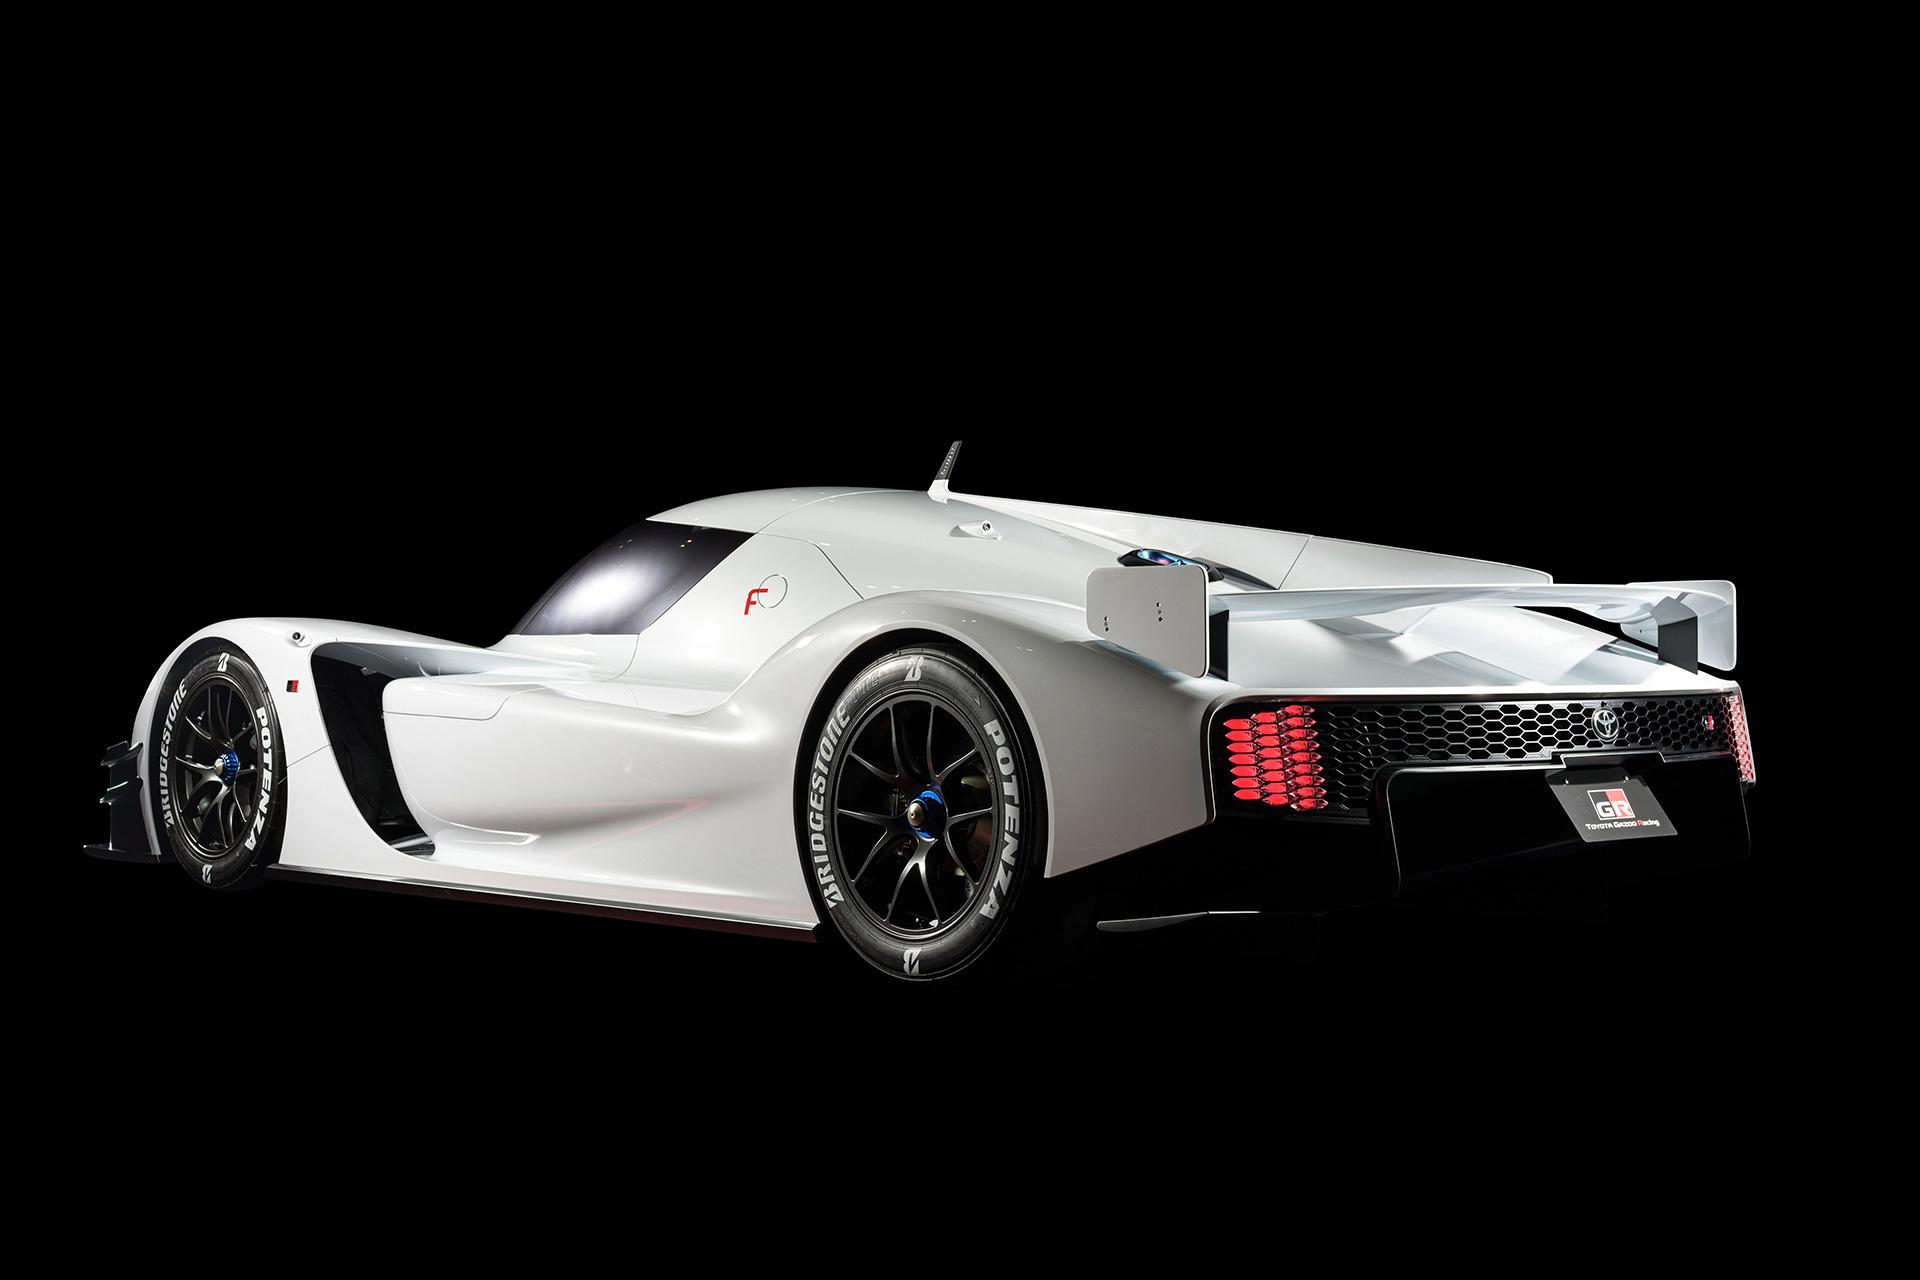 「1億円オーバーの国産車対決。スペシャルなGT-RとトヨタのGRスーパースポーツを比べてみたら……」の11枚目の画像